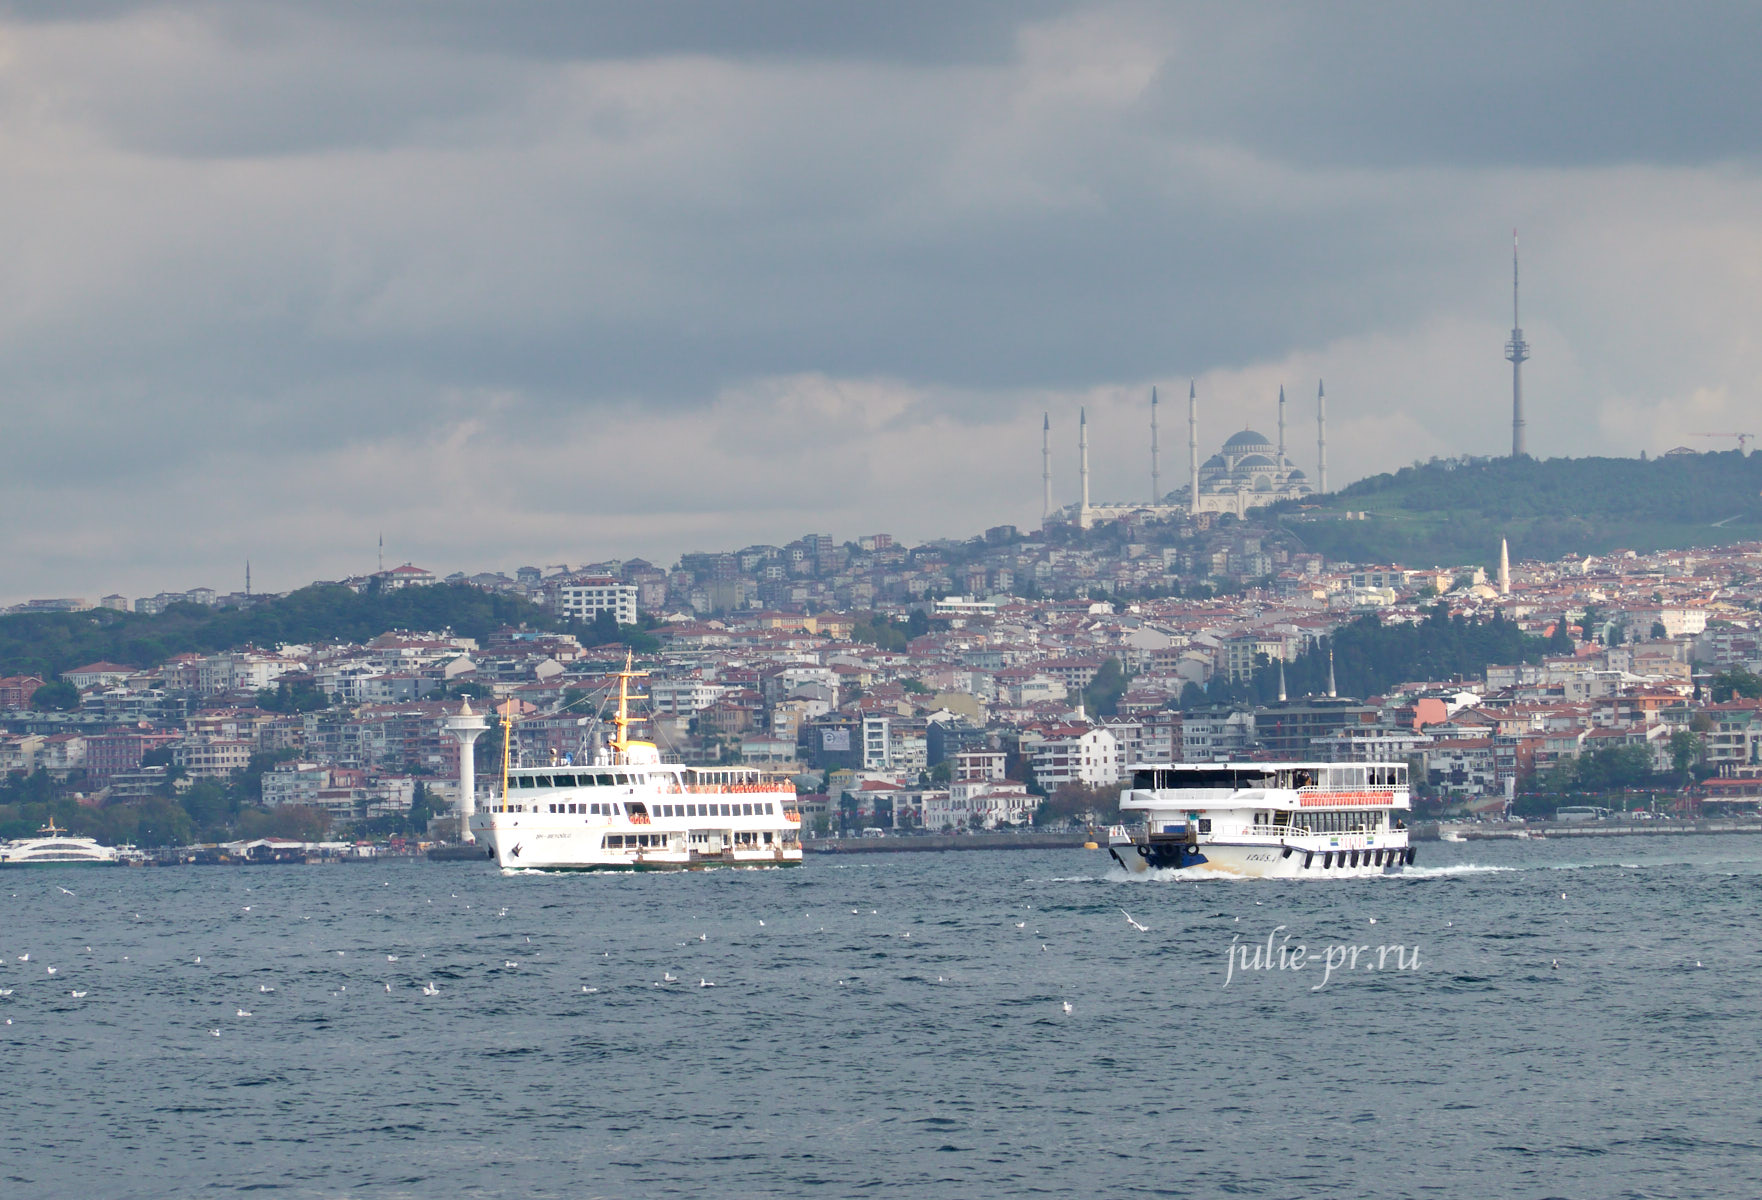 Турция, Стамбул, Босфор, мечеть Чамлыджа